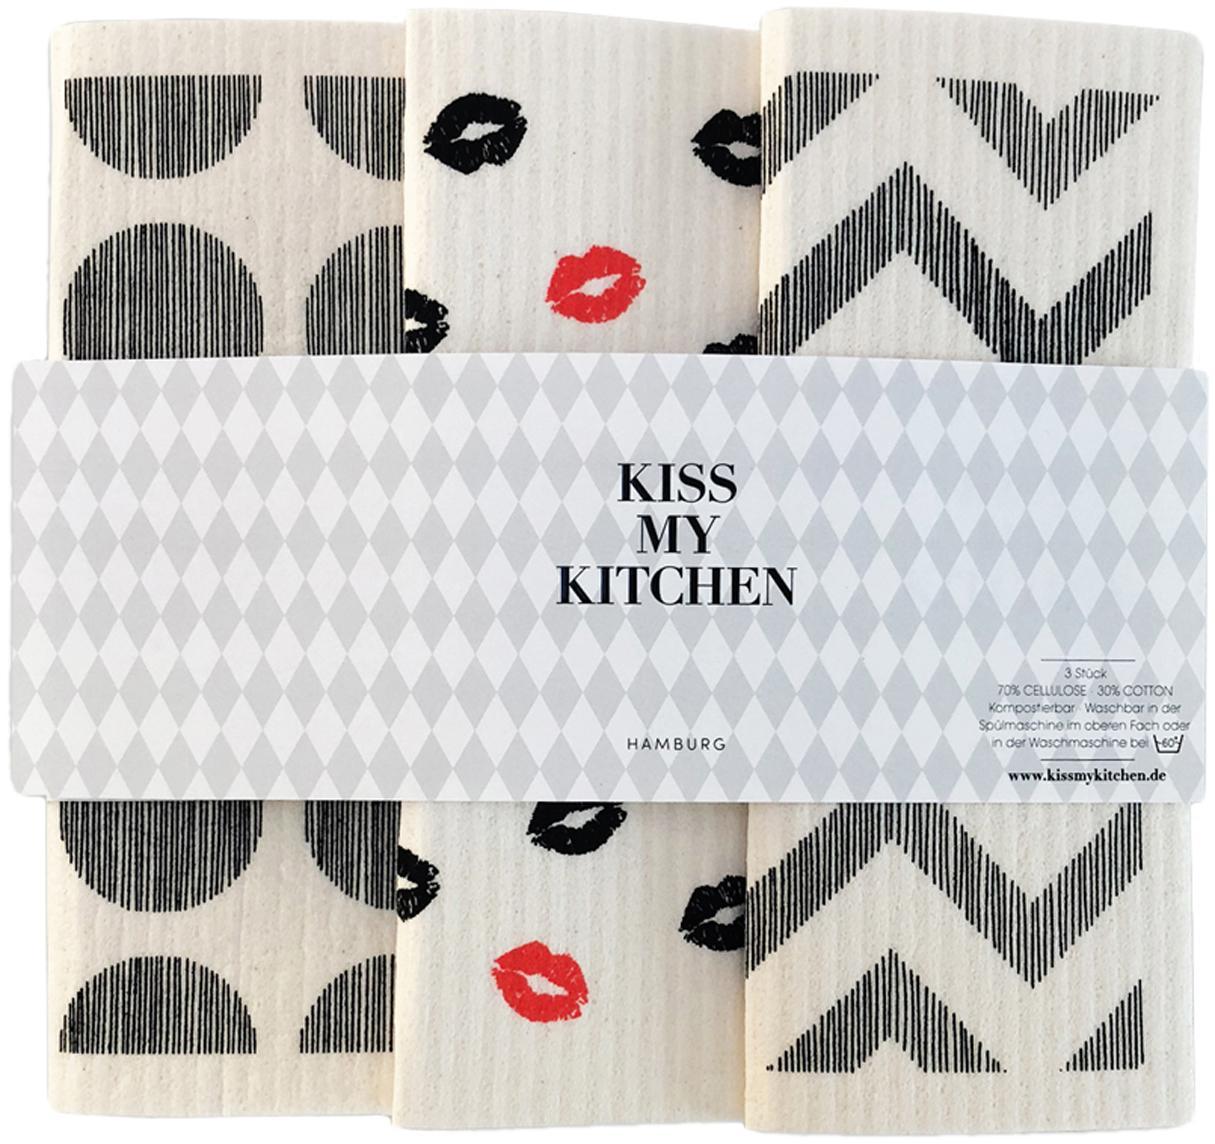 Set de bayetas biodegradables Paris, 3pzas., 70%celulosa, 30%algodón, Blanco, gris, rojo, An 17 x L 20 cm